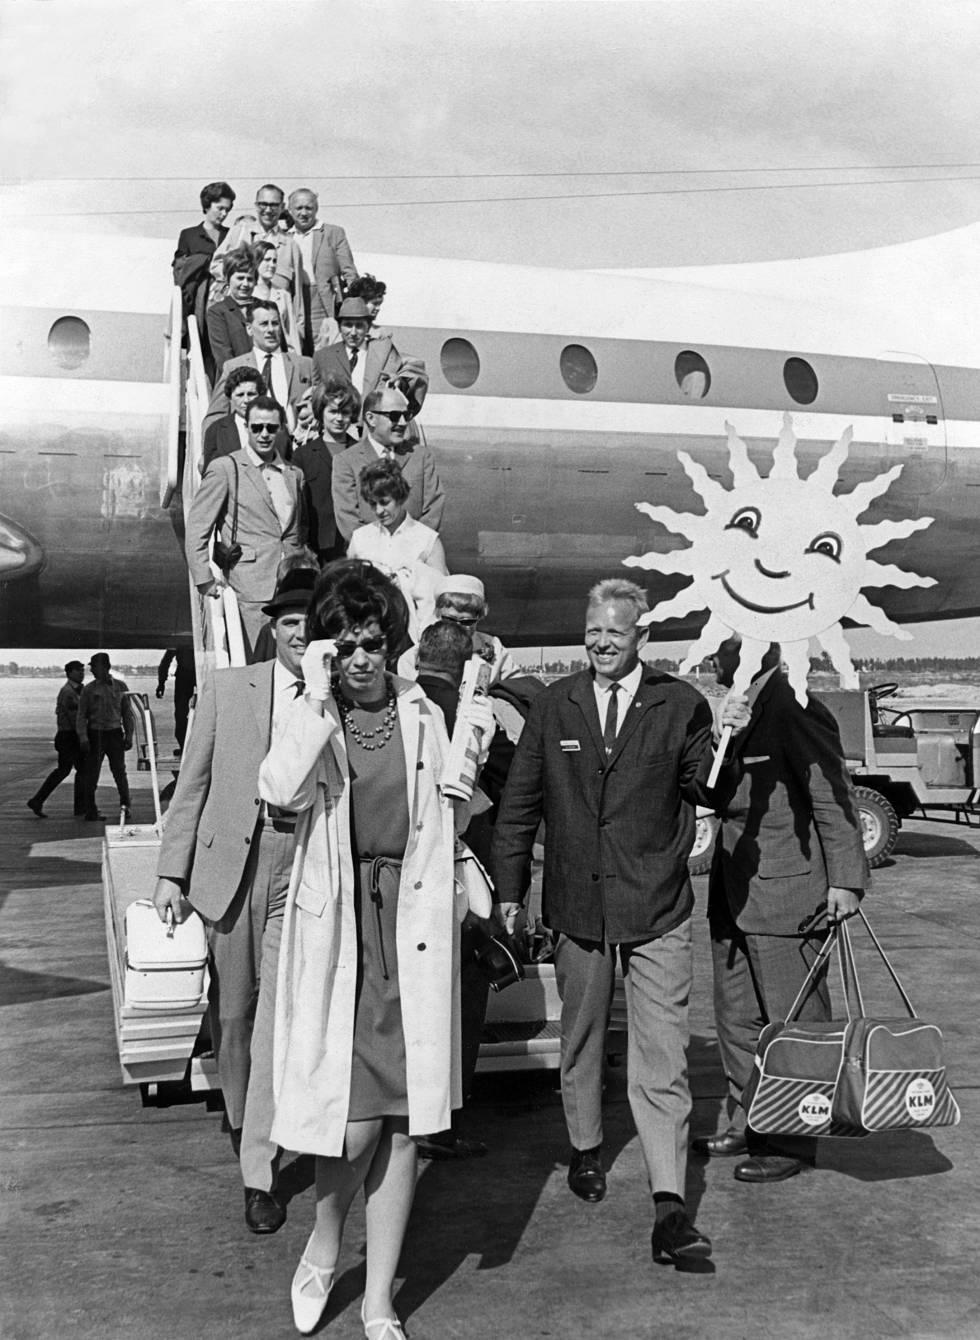 Un grupo de noventa y cinco alemanes llegan a Barcelona en 1960. El turismo puede volver a parecerse, en gran medida, a eso: turismo de proximidad, vuelos más caros.